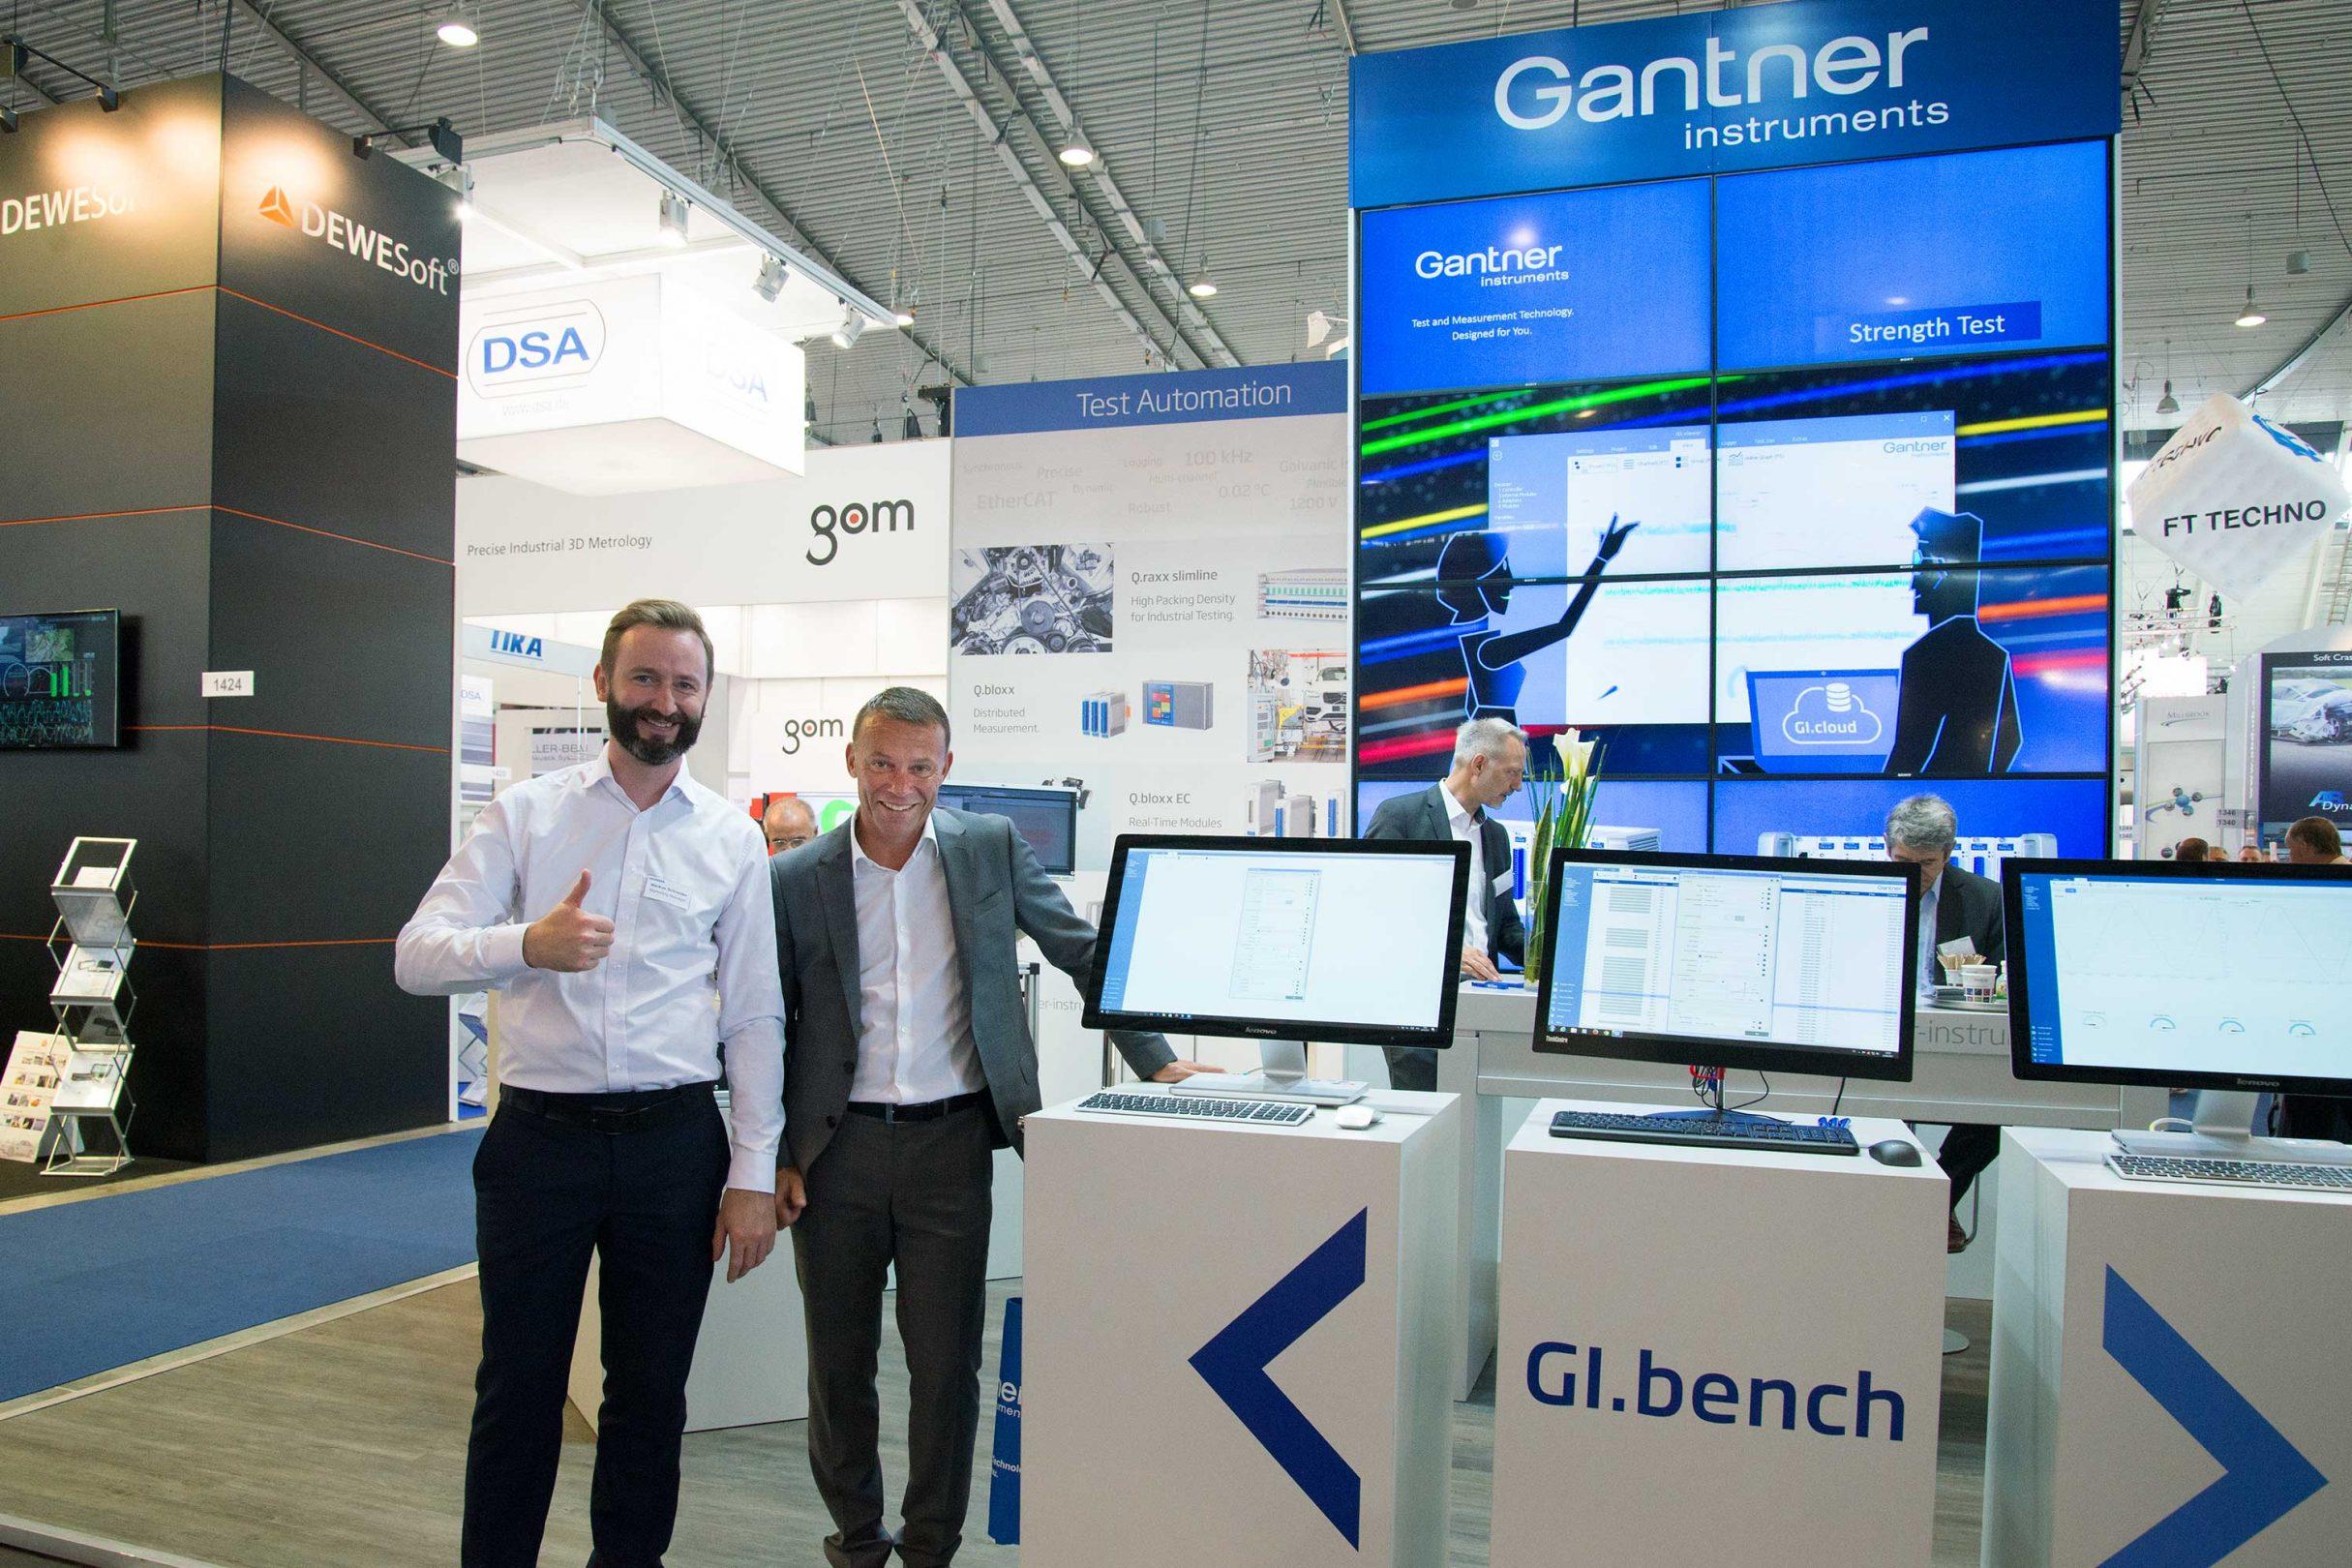 Messegestaltung für Gantner Instruments: DIE NEUDENKER® Agentur, Darmstadt